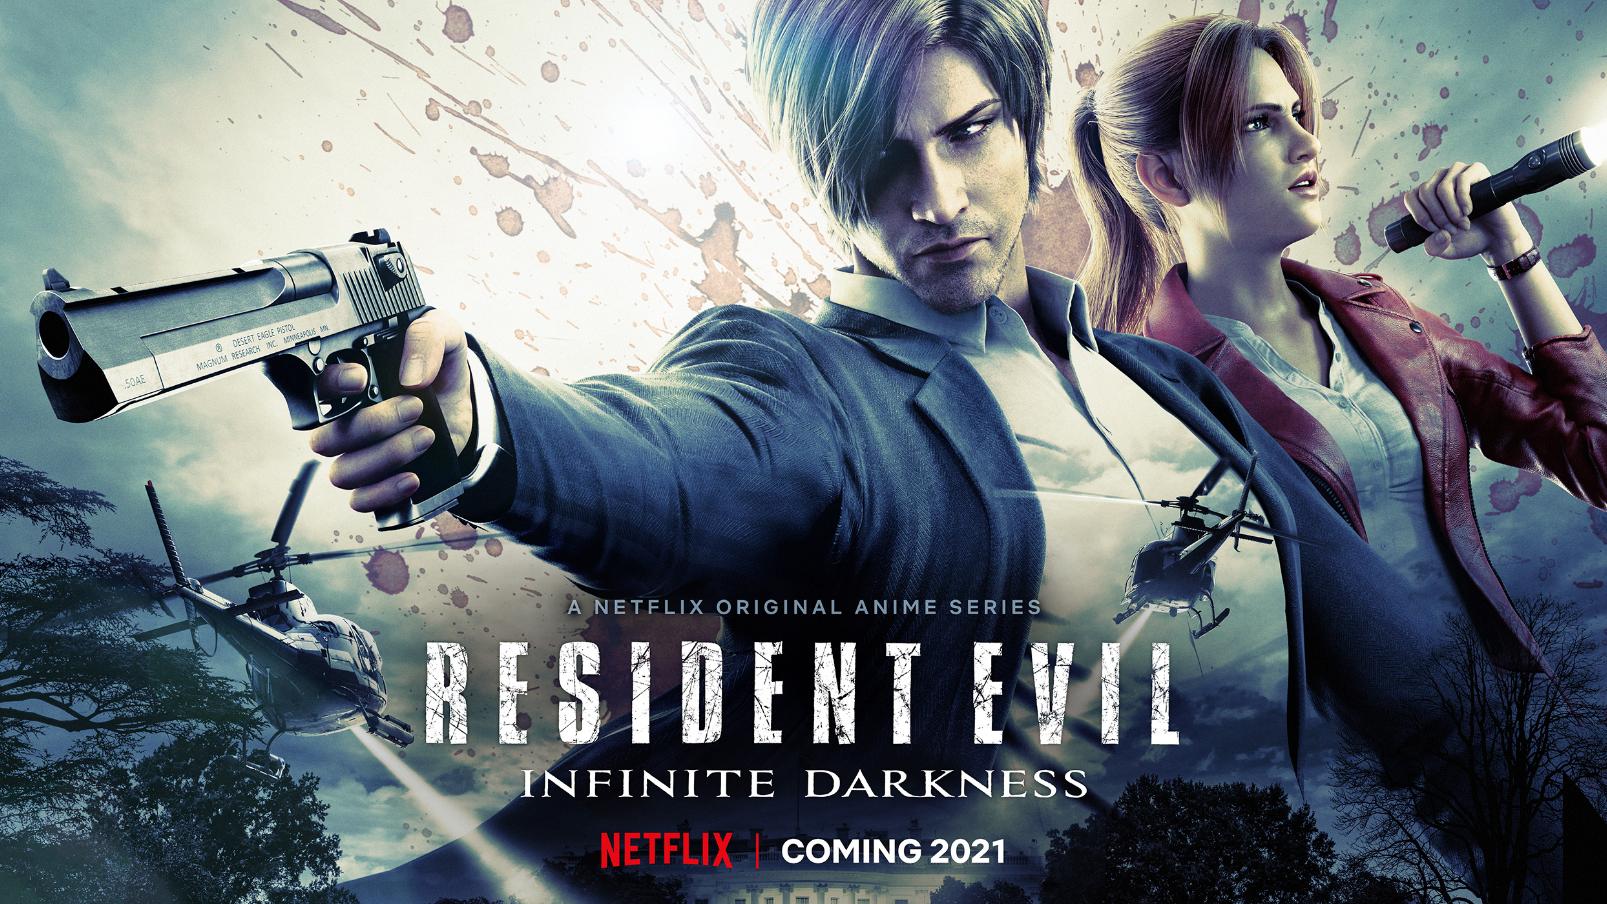 Каноничнее некуда: первые кадры Resident Evil Infinite Darkness с подробностями о сериале